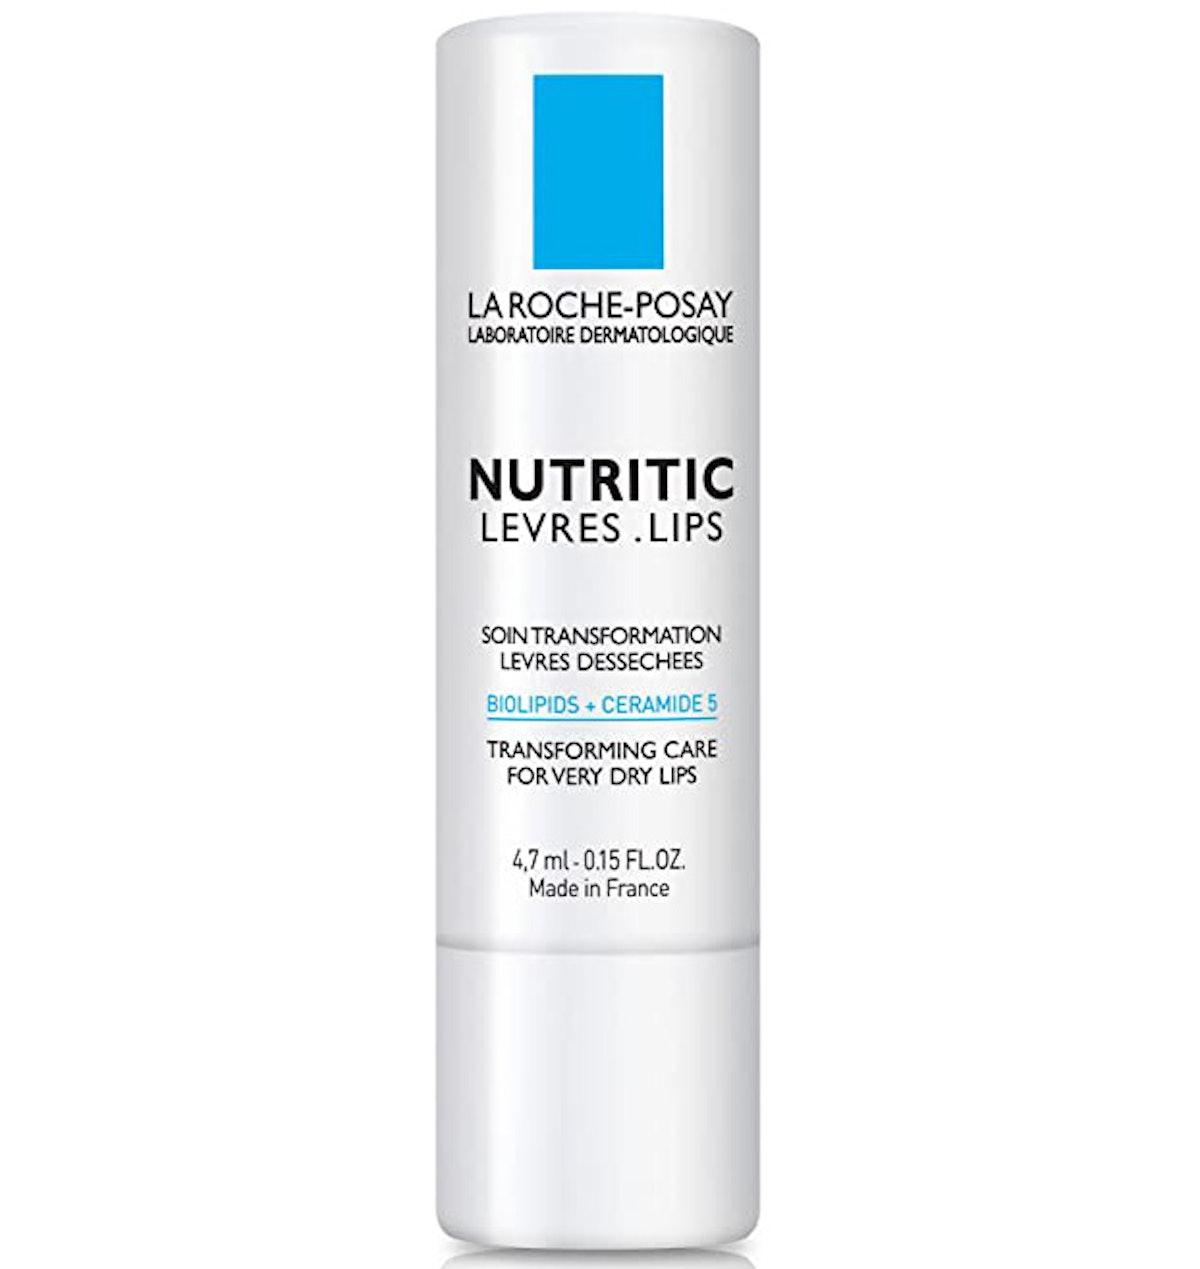 La Roche-Posay Nutritic Lip Balm